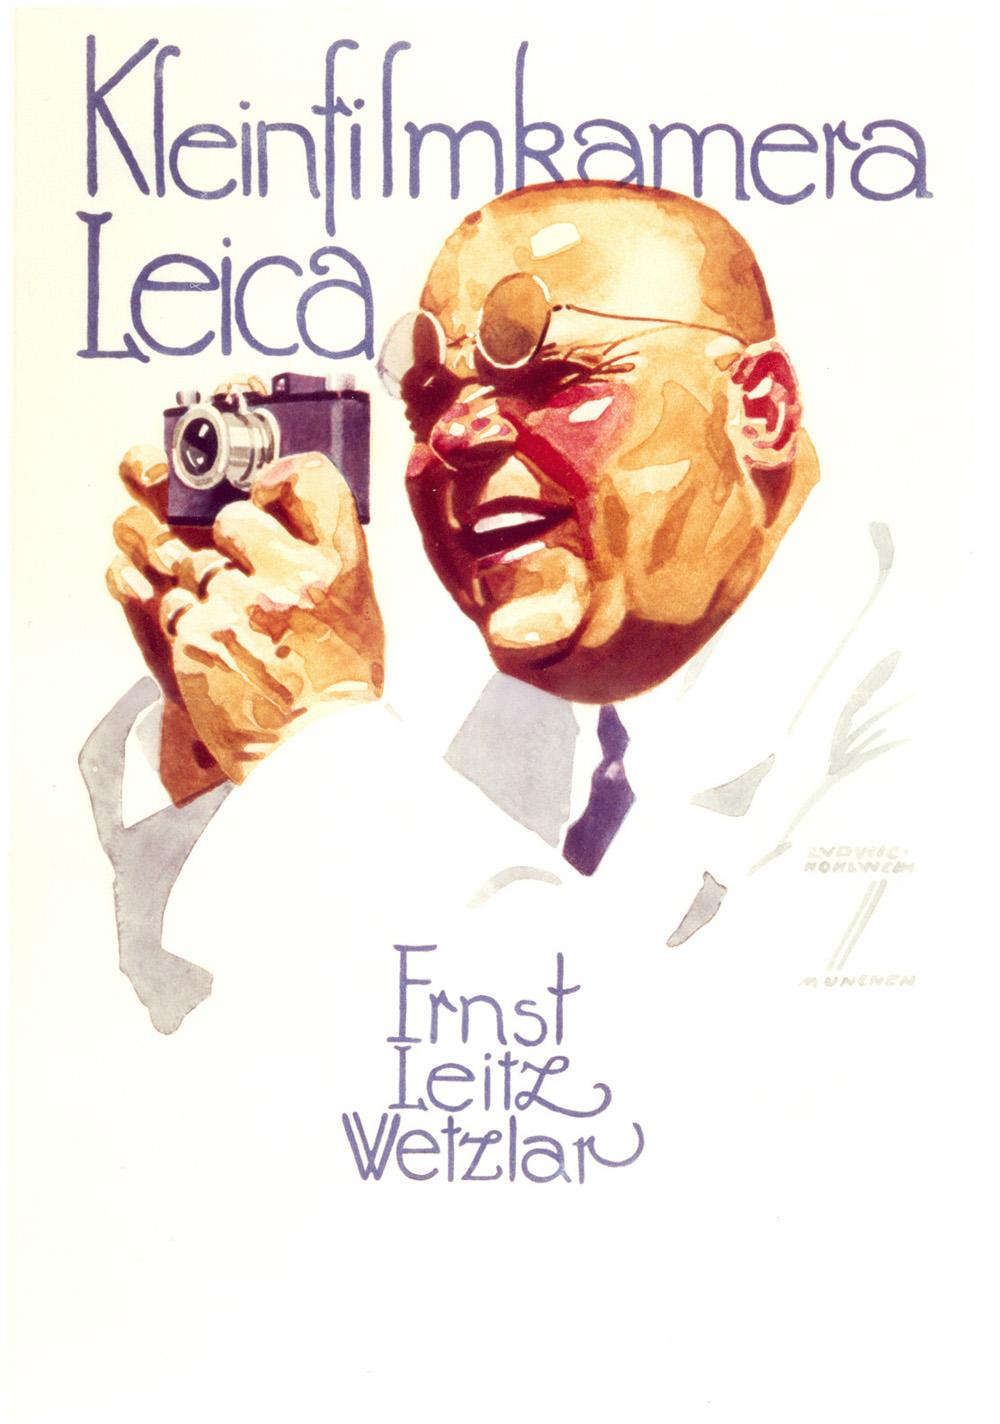 Leica Anzeigenmotiv von Ludwig Hohlwein, 1926 (erschienen in »Die Reklame«, Berlin 1926). © Leica Camera AG